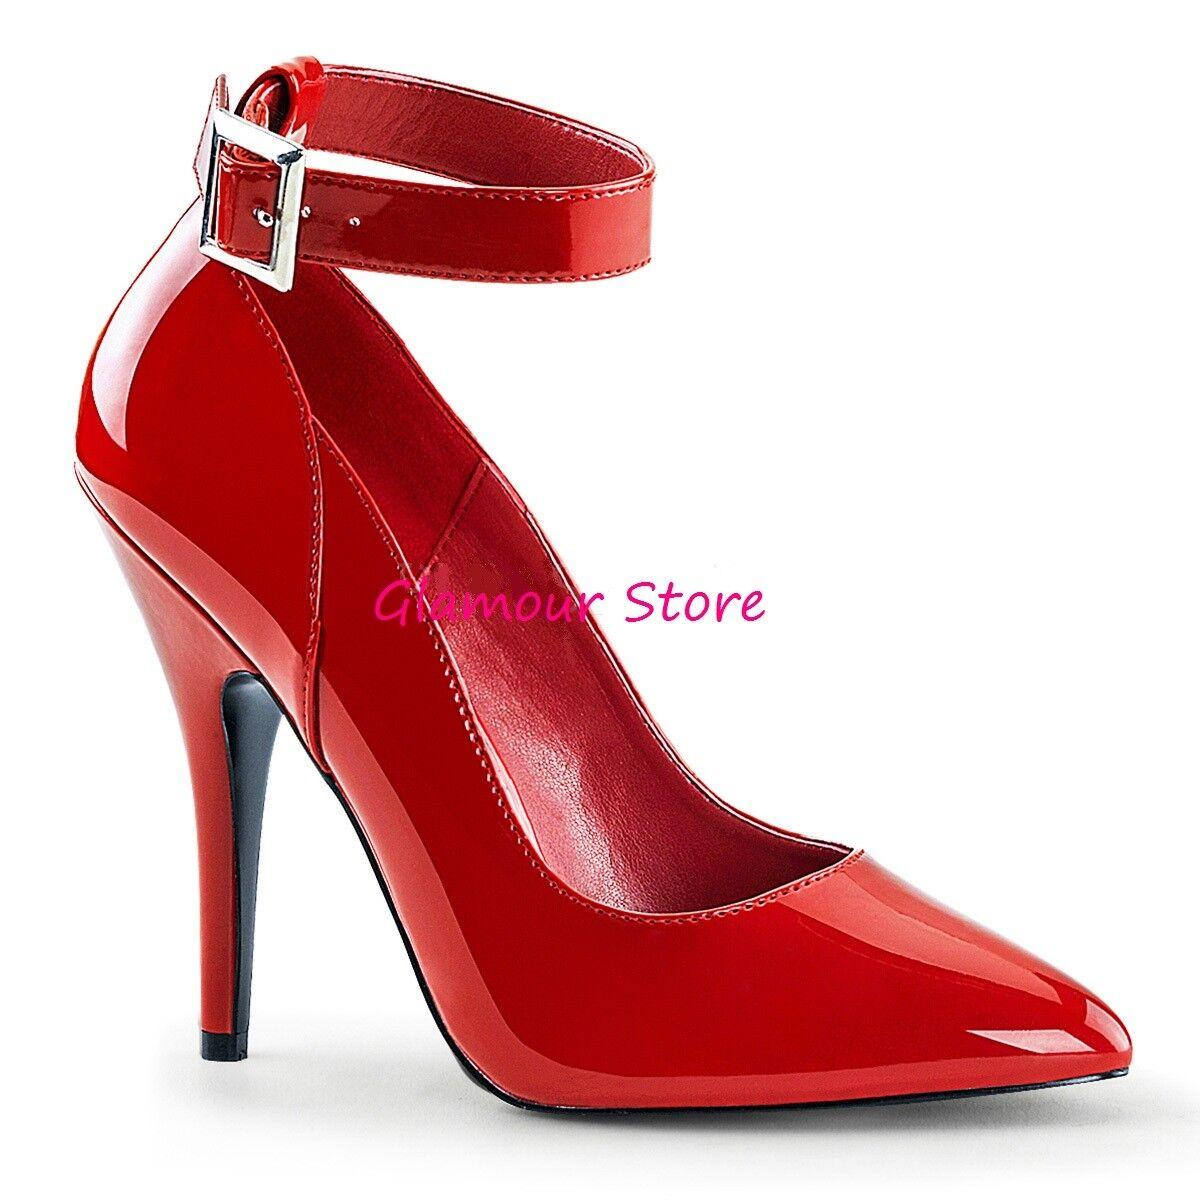 Sexy DECOLTE tacco 13 al ROSSO LUCIDO dal 35 al 13 46 cinturino scarpe fashion GLAMOUR 63e884